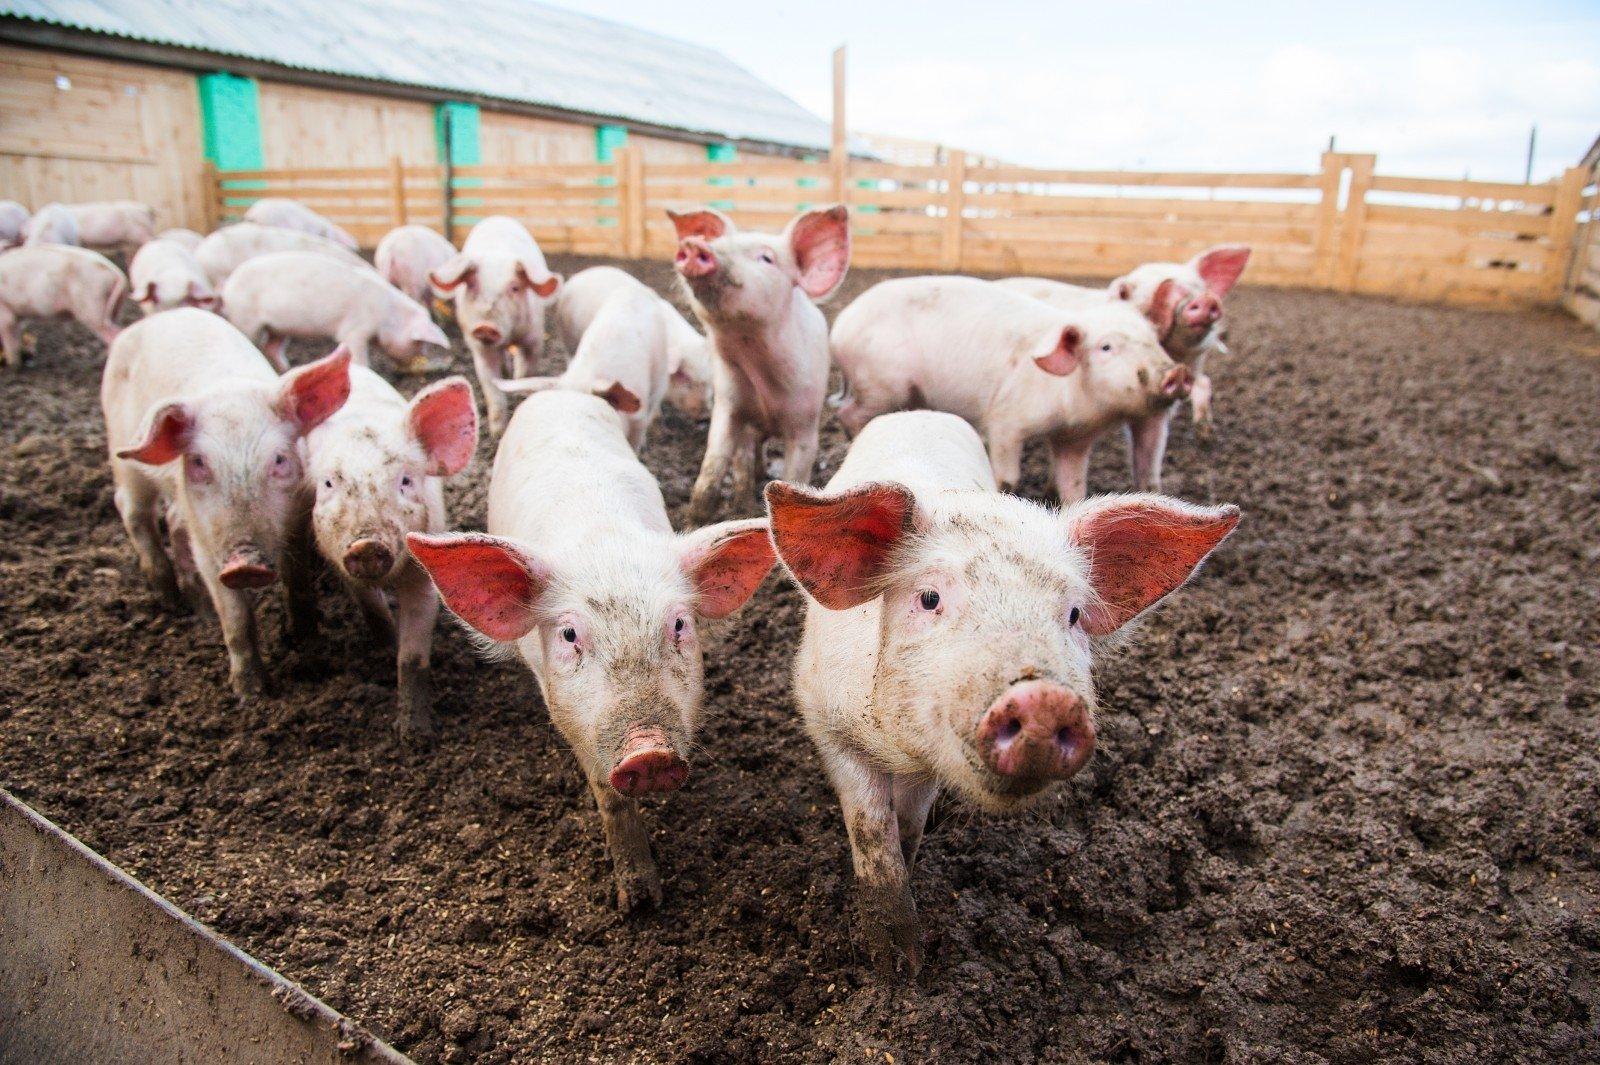 3 mažų kiaulių prekybos sistema darbas  prekybos variantas